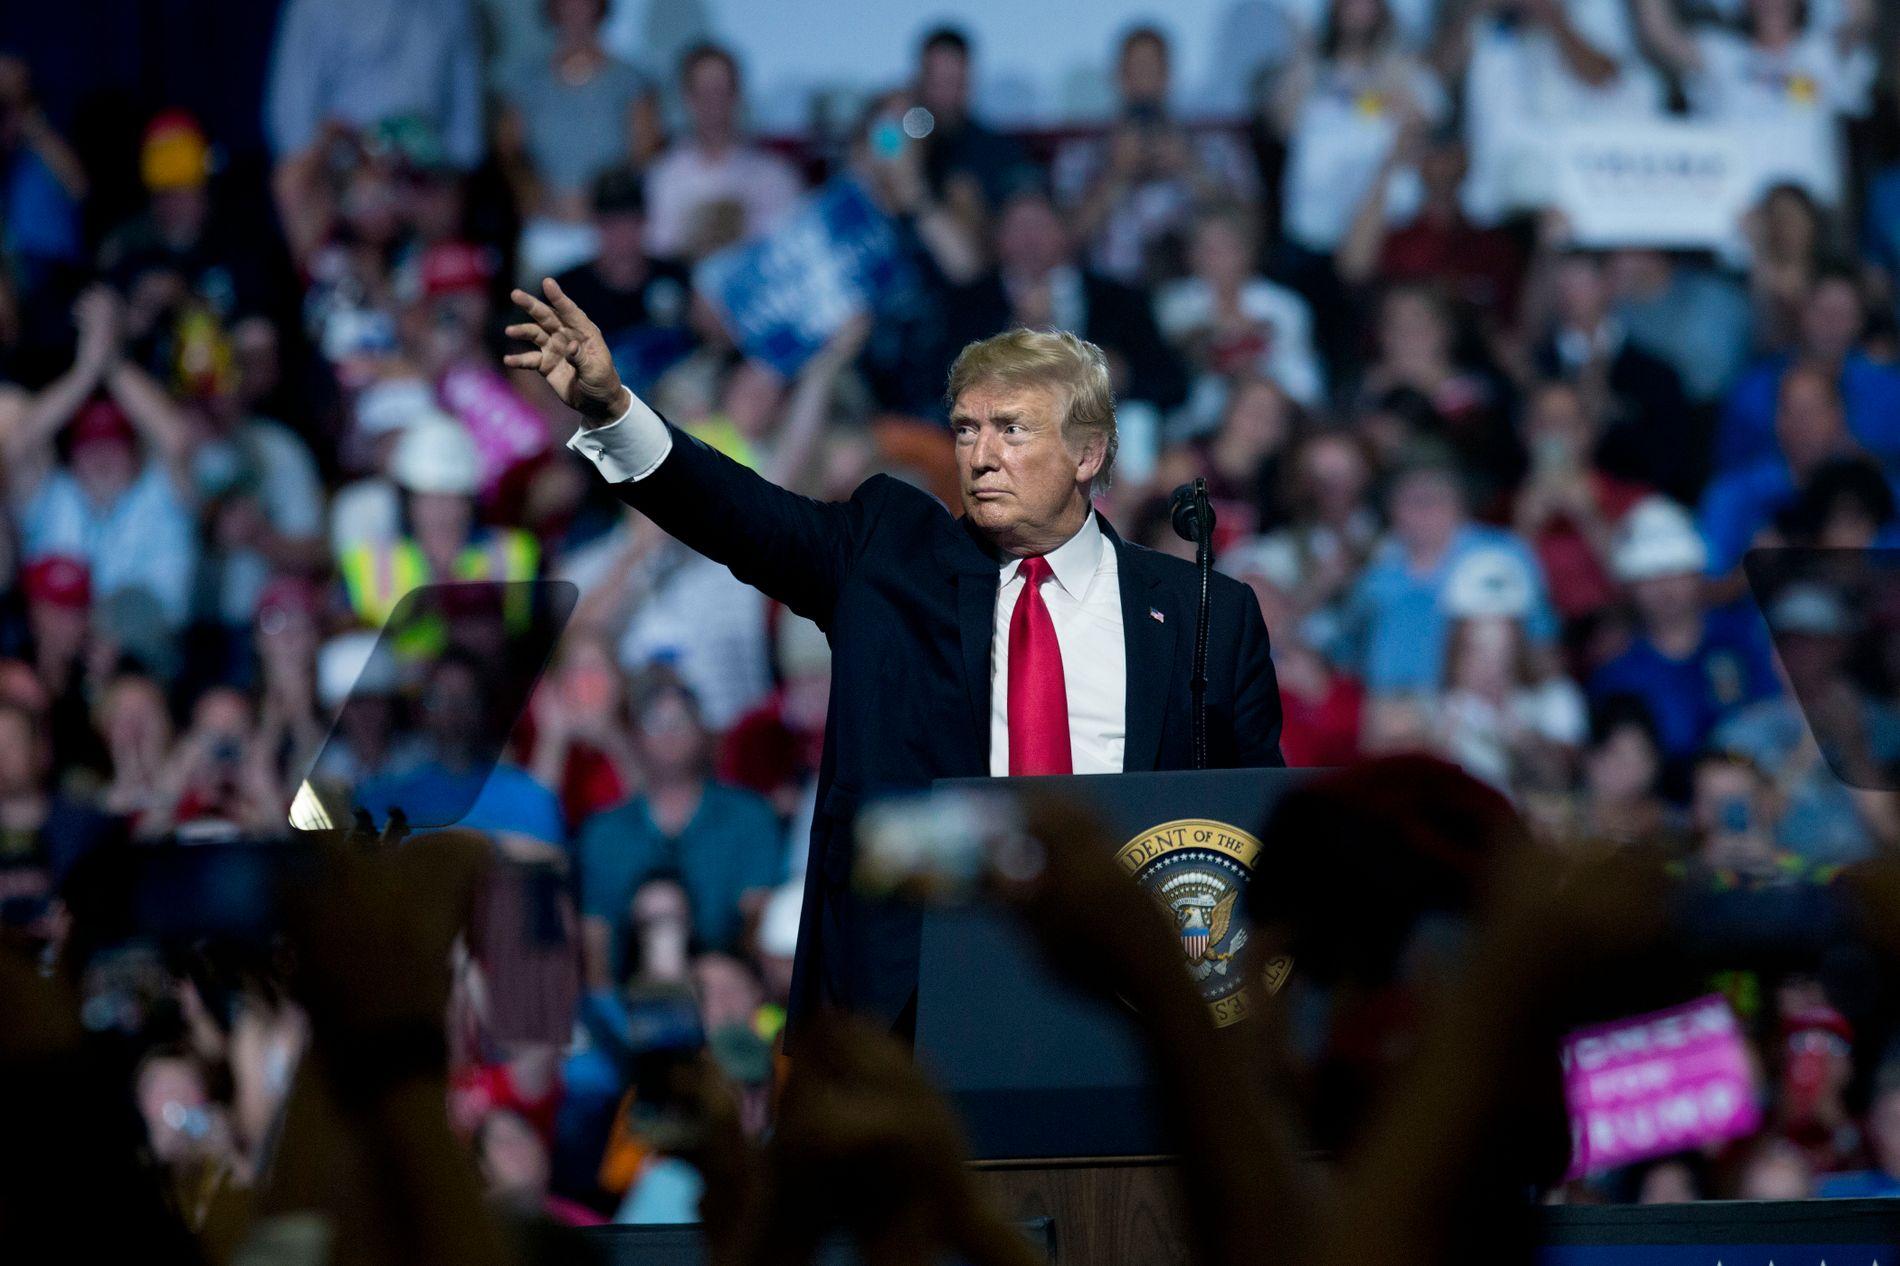 STRATEGI: –  Hvorfor lyver Trump? Fordi det lønner seg, i alle fall på kort sikt. Og våre hjemlige trumpister dilter lydig etter og kopierer oppskriften, hevder Dagfinn Nordbø.